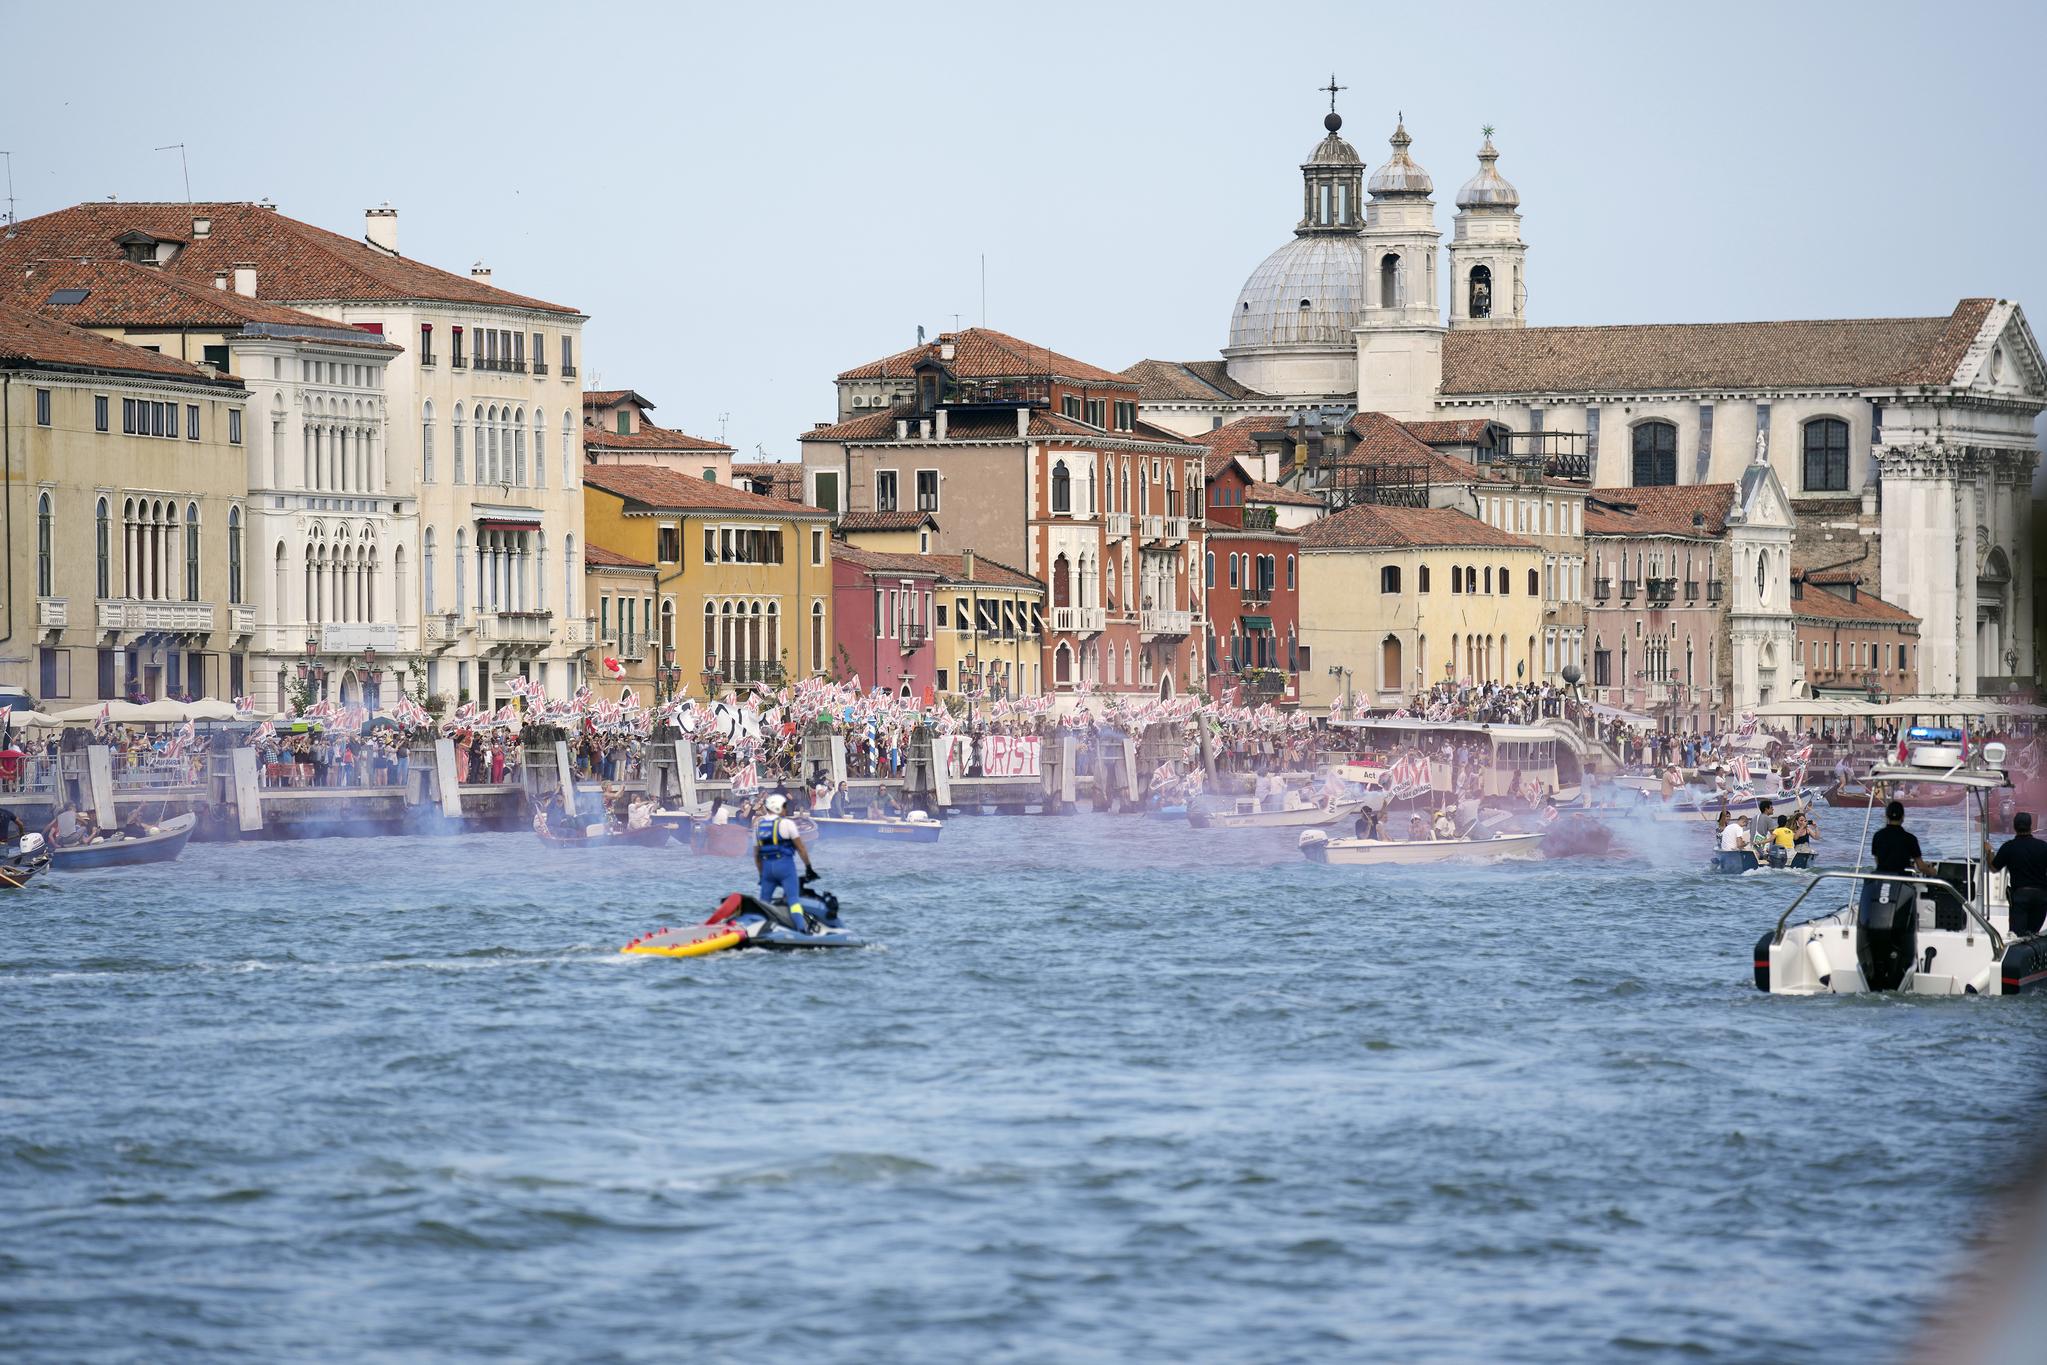 ″No Big Ships(큰 배는 안돼)″ 운동가들이 5일 MSC 오케스트라가 떠나는 베네치아 운하에서 시위를 벌이고 있다. AP=연합뉴스